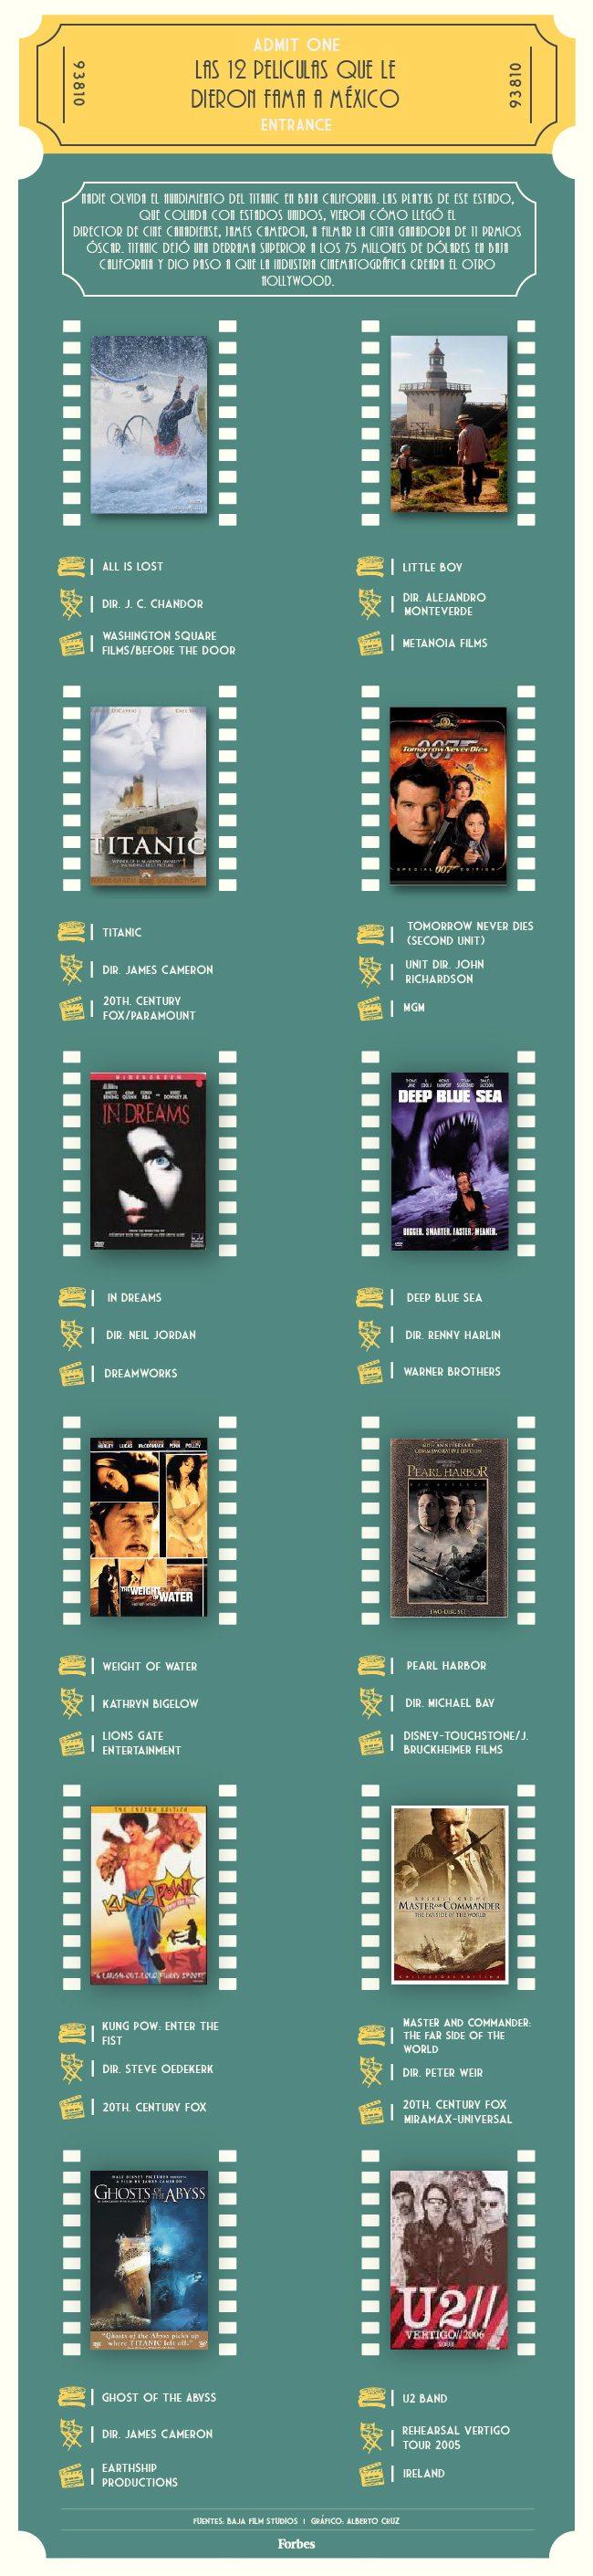 Las 12 películas que le dieron fama a México.